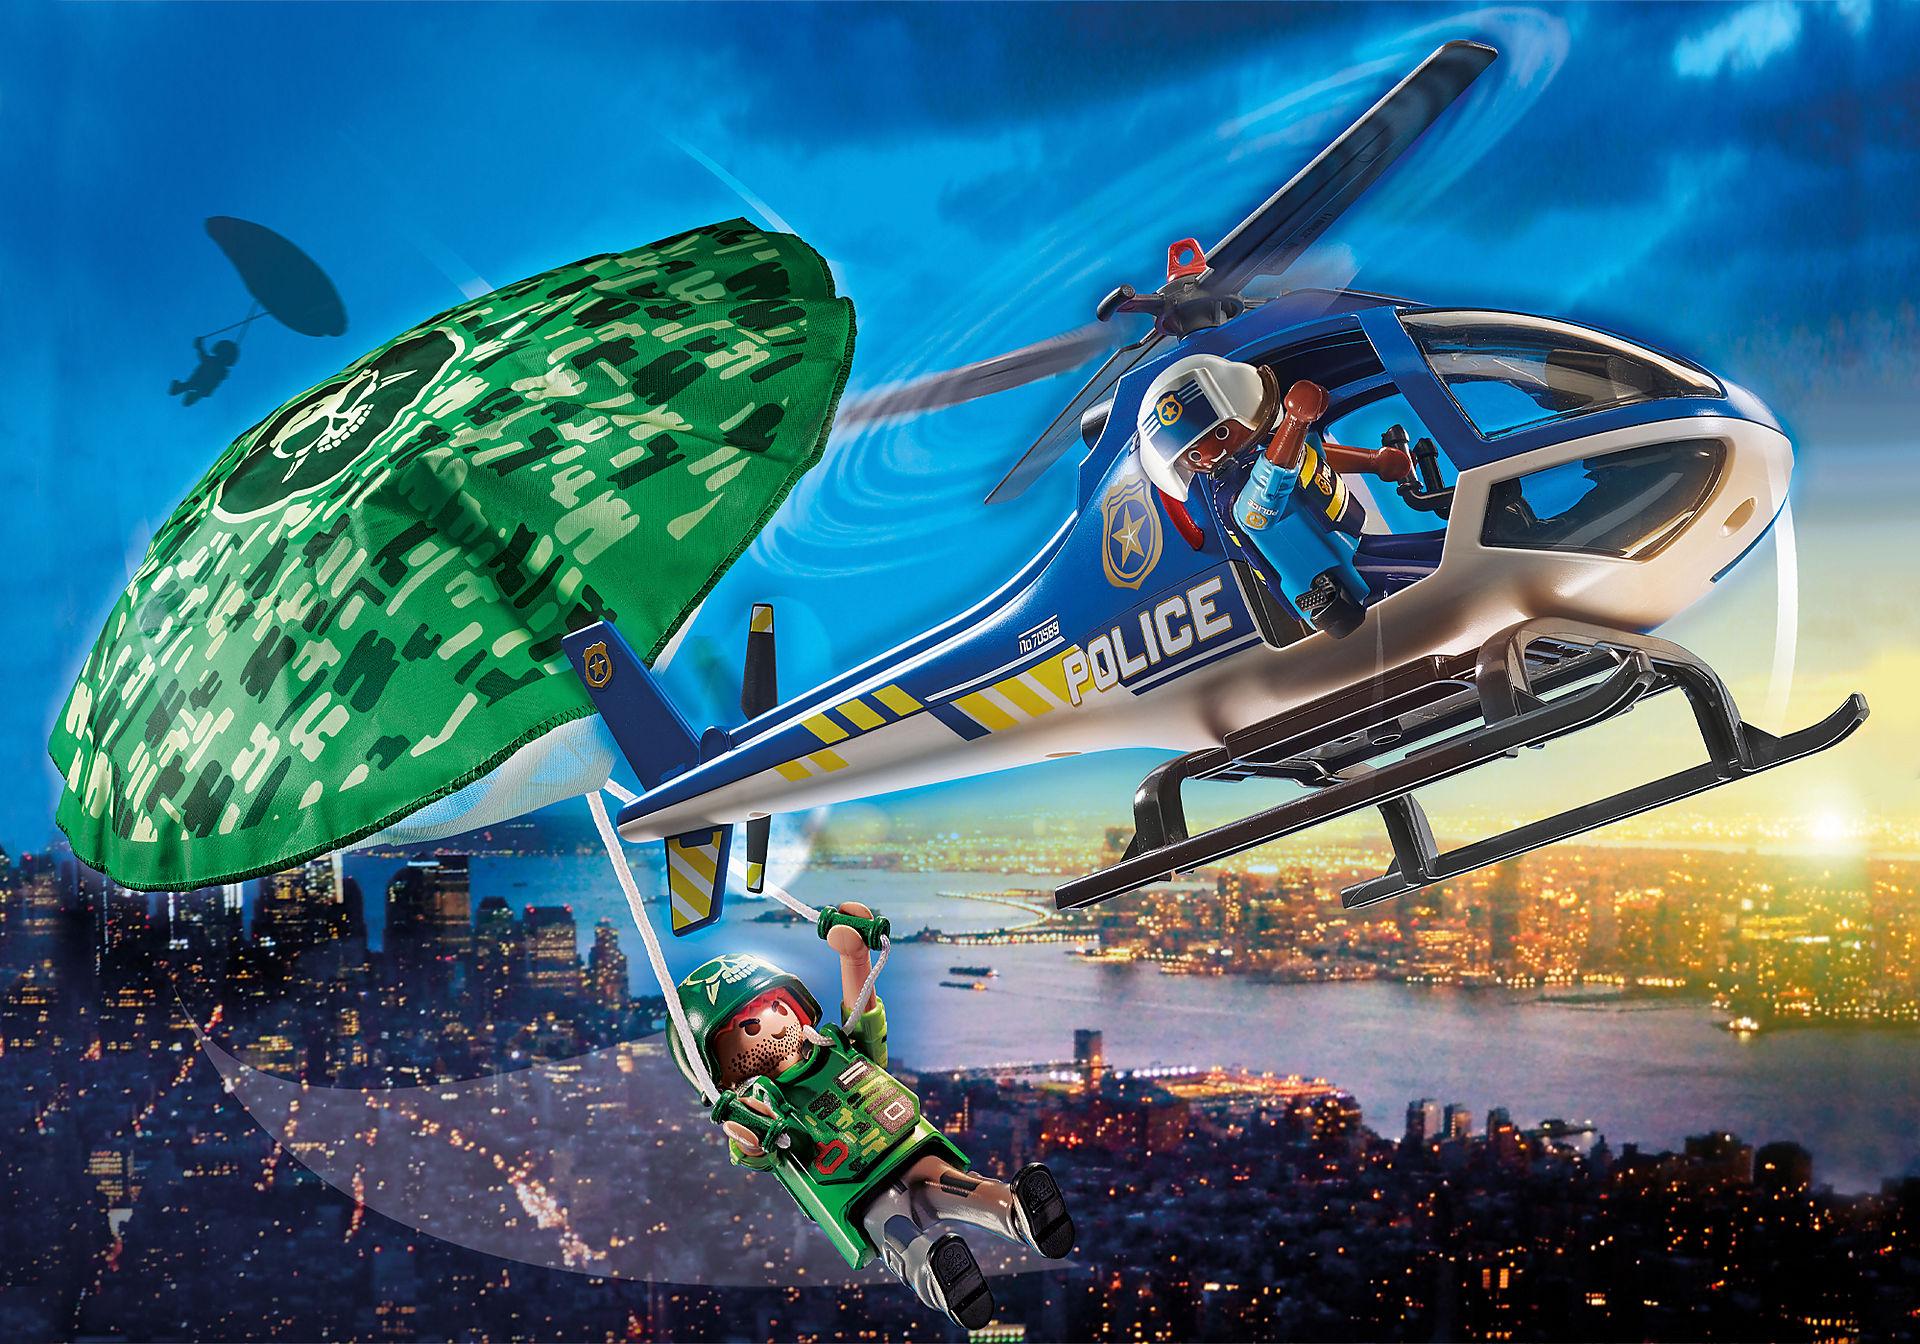 70569 Helicóptero da Polícia: Perseguição em paraquedas zoom image1